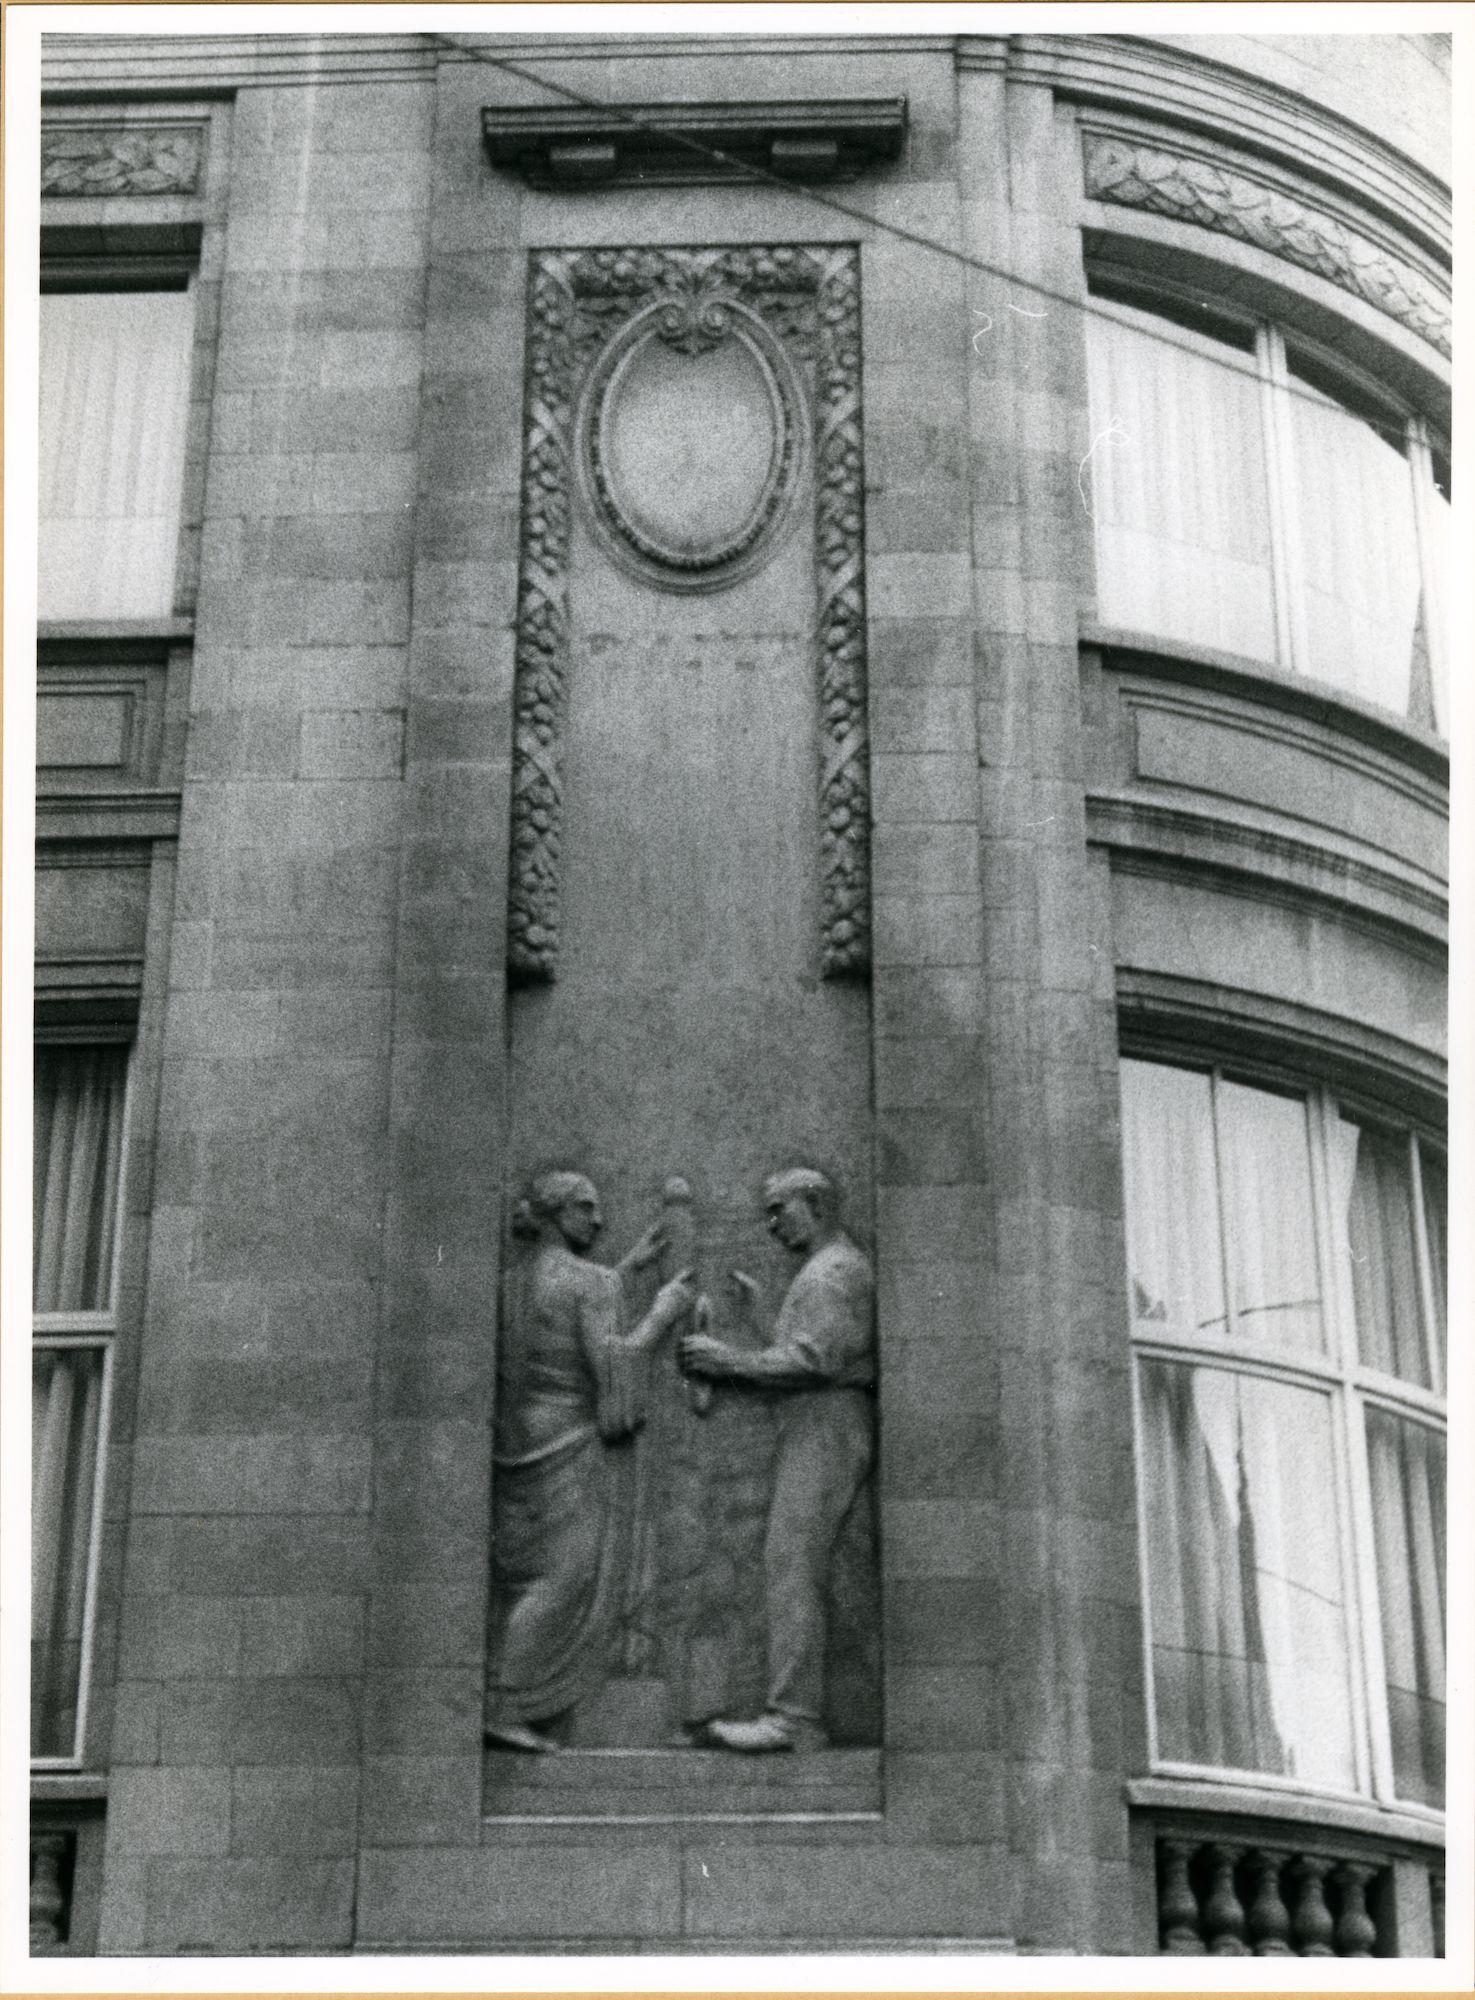 Gent: Voldersstraat 1: Beeldhouwwerk, 1979